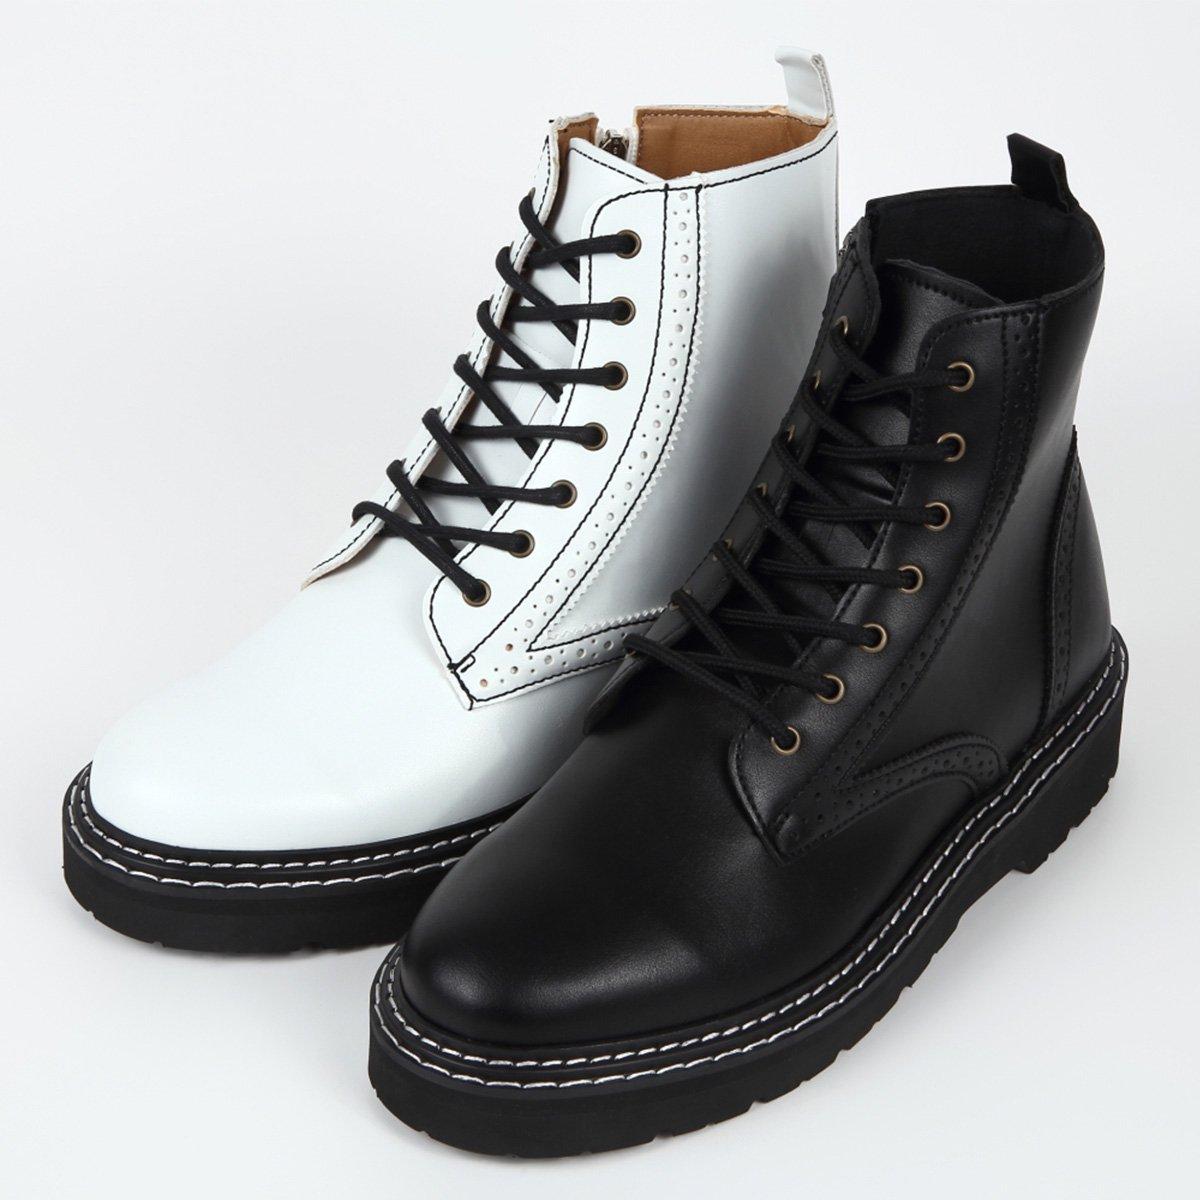 シークレットブーツ 8cmアップ メンズブーツ 厚底ブーツ kk3-600-g 10cmアップまで可